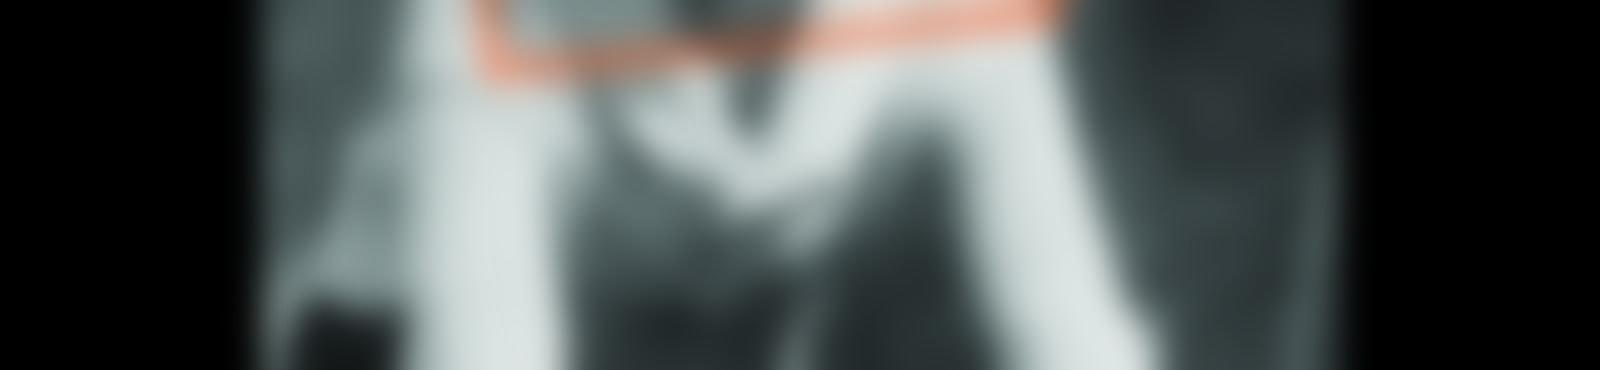 Blurred 8aab217c 70f1 4e25 947f 1864135187b3